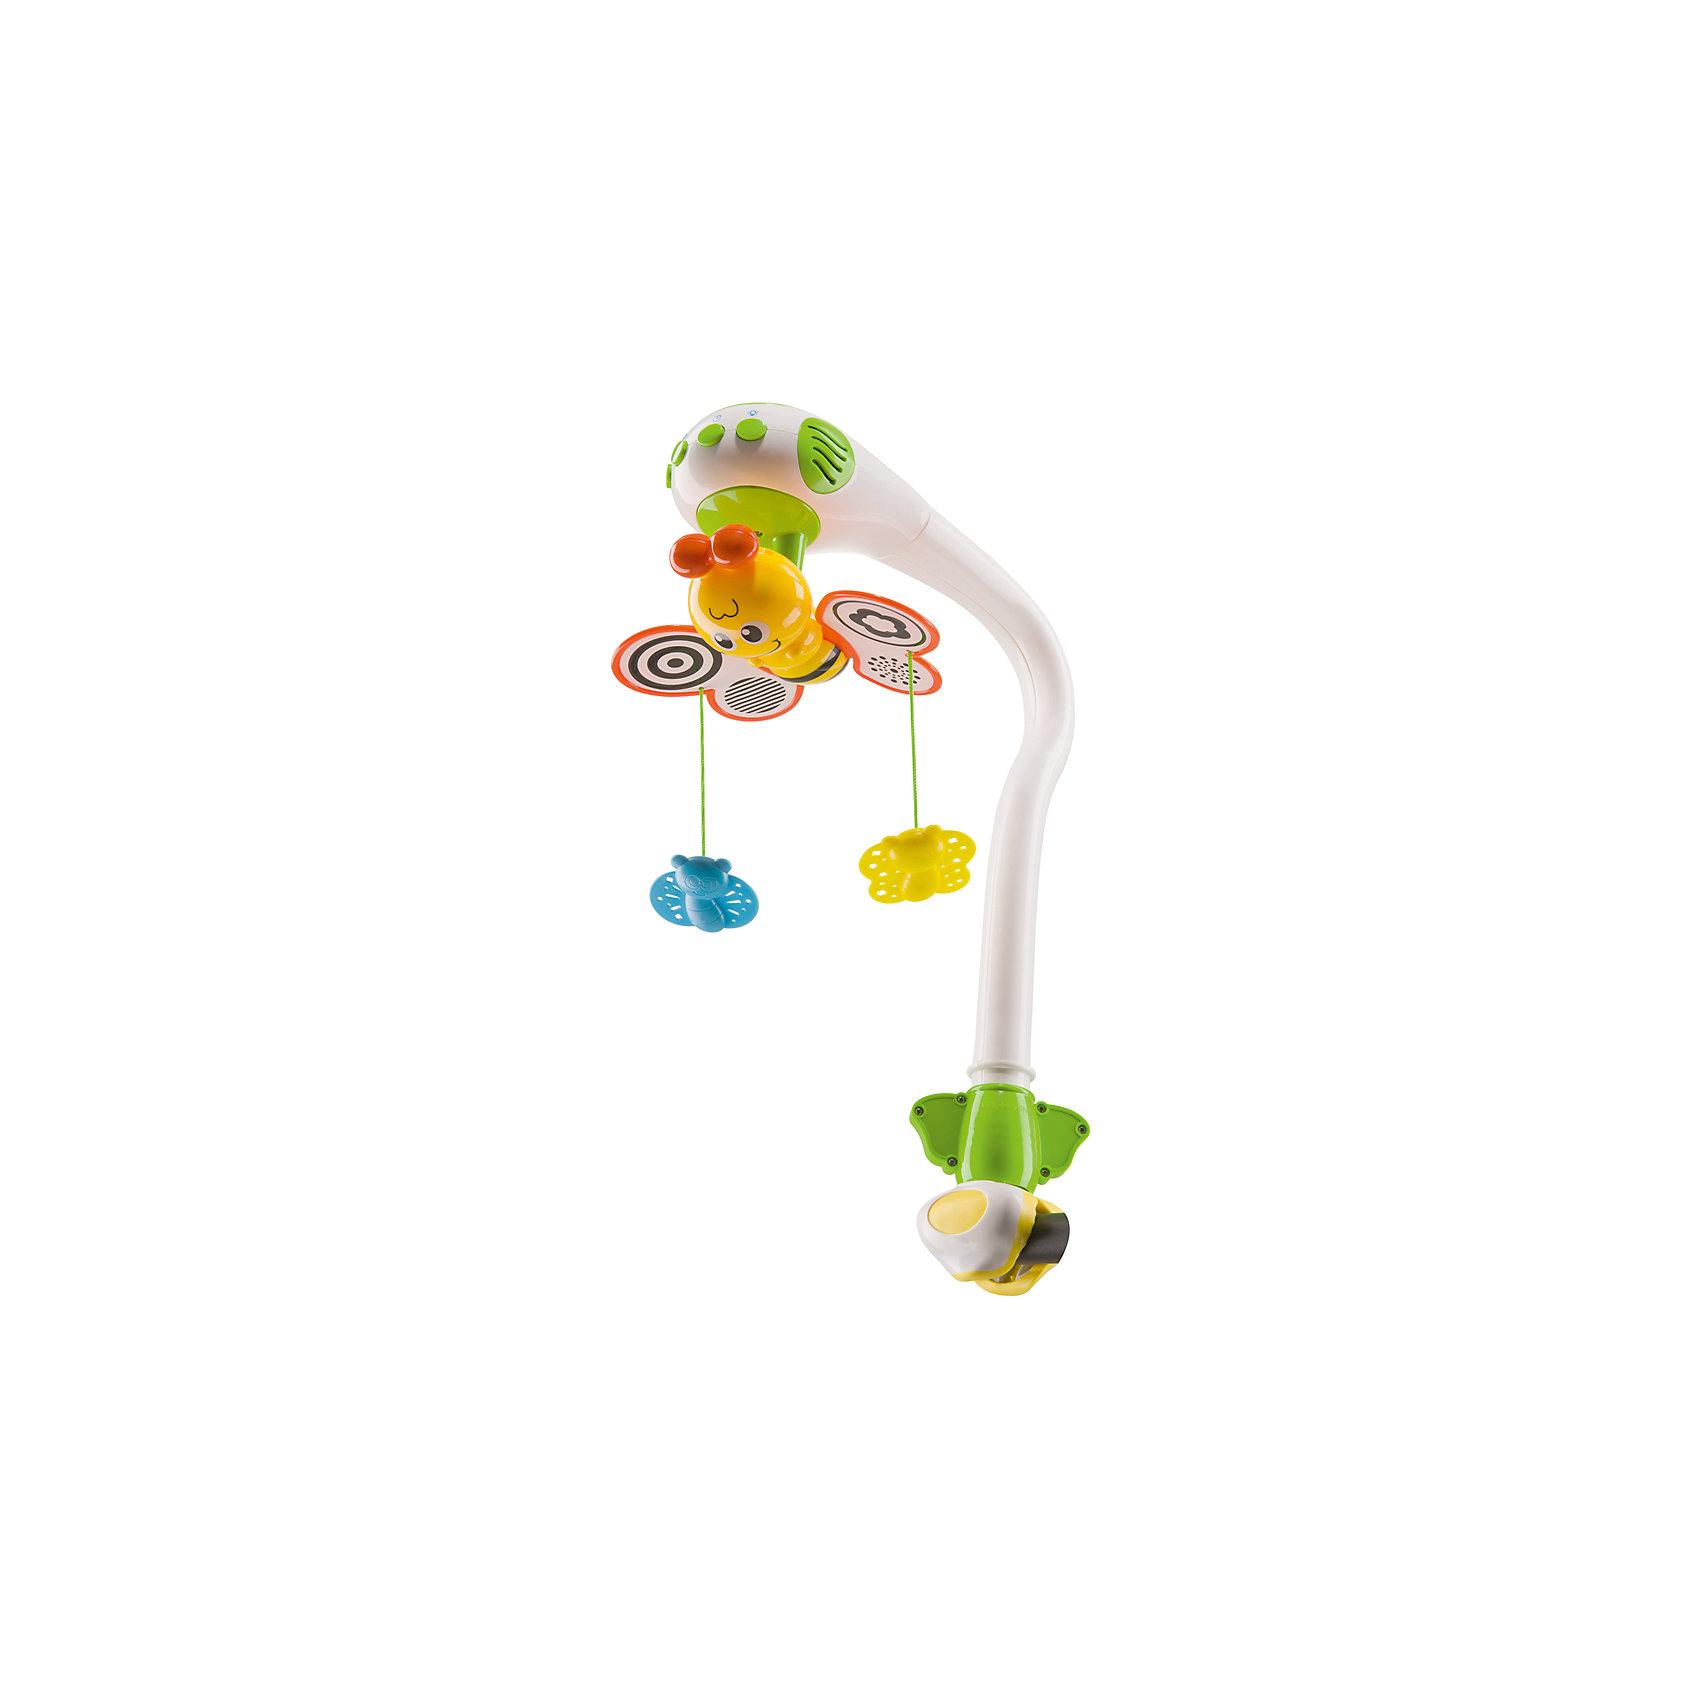 Музыкальный мобиль с проектором, Happy BabyИгрушки для малышей<br>Характеристики товара:<br><br>• возраст: с рождения<br>• материал: пластик<br>• тип батареек: 3 шт. Х 1.5V AA<br>• наличие батареек: не входят в комплект<br>• наличие проектора<br>• наличие музыкального блока<br>• кнопка включения/выключения механизма вращения бабочки на 360 градусов<br>• кнопка включения/выключения проектора<br>• кнопка включения/выключения мелодий<br>• 3 красивых мелодии для сна, пение птиц и сверчков, шум волн и журчание воды<br>• кнопка возврата проигрывания мелодий с самого начала<br>• кнопка для регулировки 1 из 3 уровней громкости<br>• вес: 0,97 кг<br>• размер упаковки: 44х16х22 см<br>• страна бренда: Великобритания<br><br>Музыкальный мобиль – фаворит среди интерьерных игрушек для детской комнату. Проектор устанавливается на кроватку и успокаивает малыша перед сном с помощью приятной музыки и крутящихся бабочек.<br><br>Музыкальный мобиль с проектором от известного бренда Happy Baby можно купить в нашем интернет-магазине.<br><br>Ширина мм: 9999<br>Глубина мм: 9999<br>Высота мм: 9999<br>Вес г: 9999<br>Возраст от месяцев: 0<br>Возраст до месяцев: 36<br>Пол: Унисекс<br>Возраст: Детский<br>SKU: 5345686